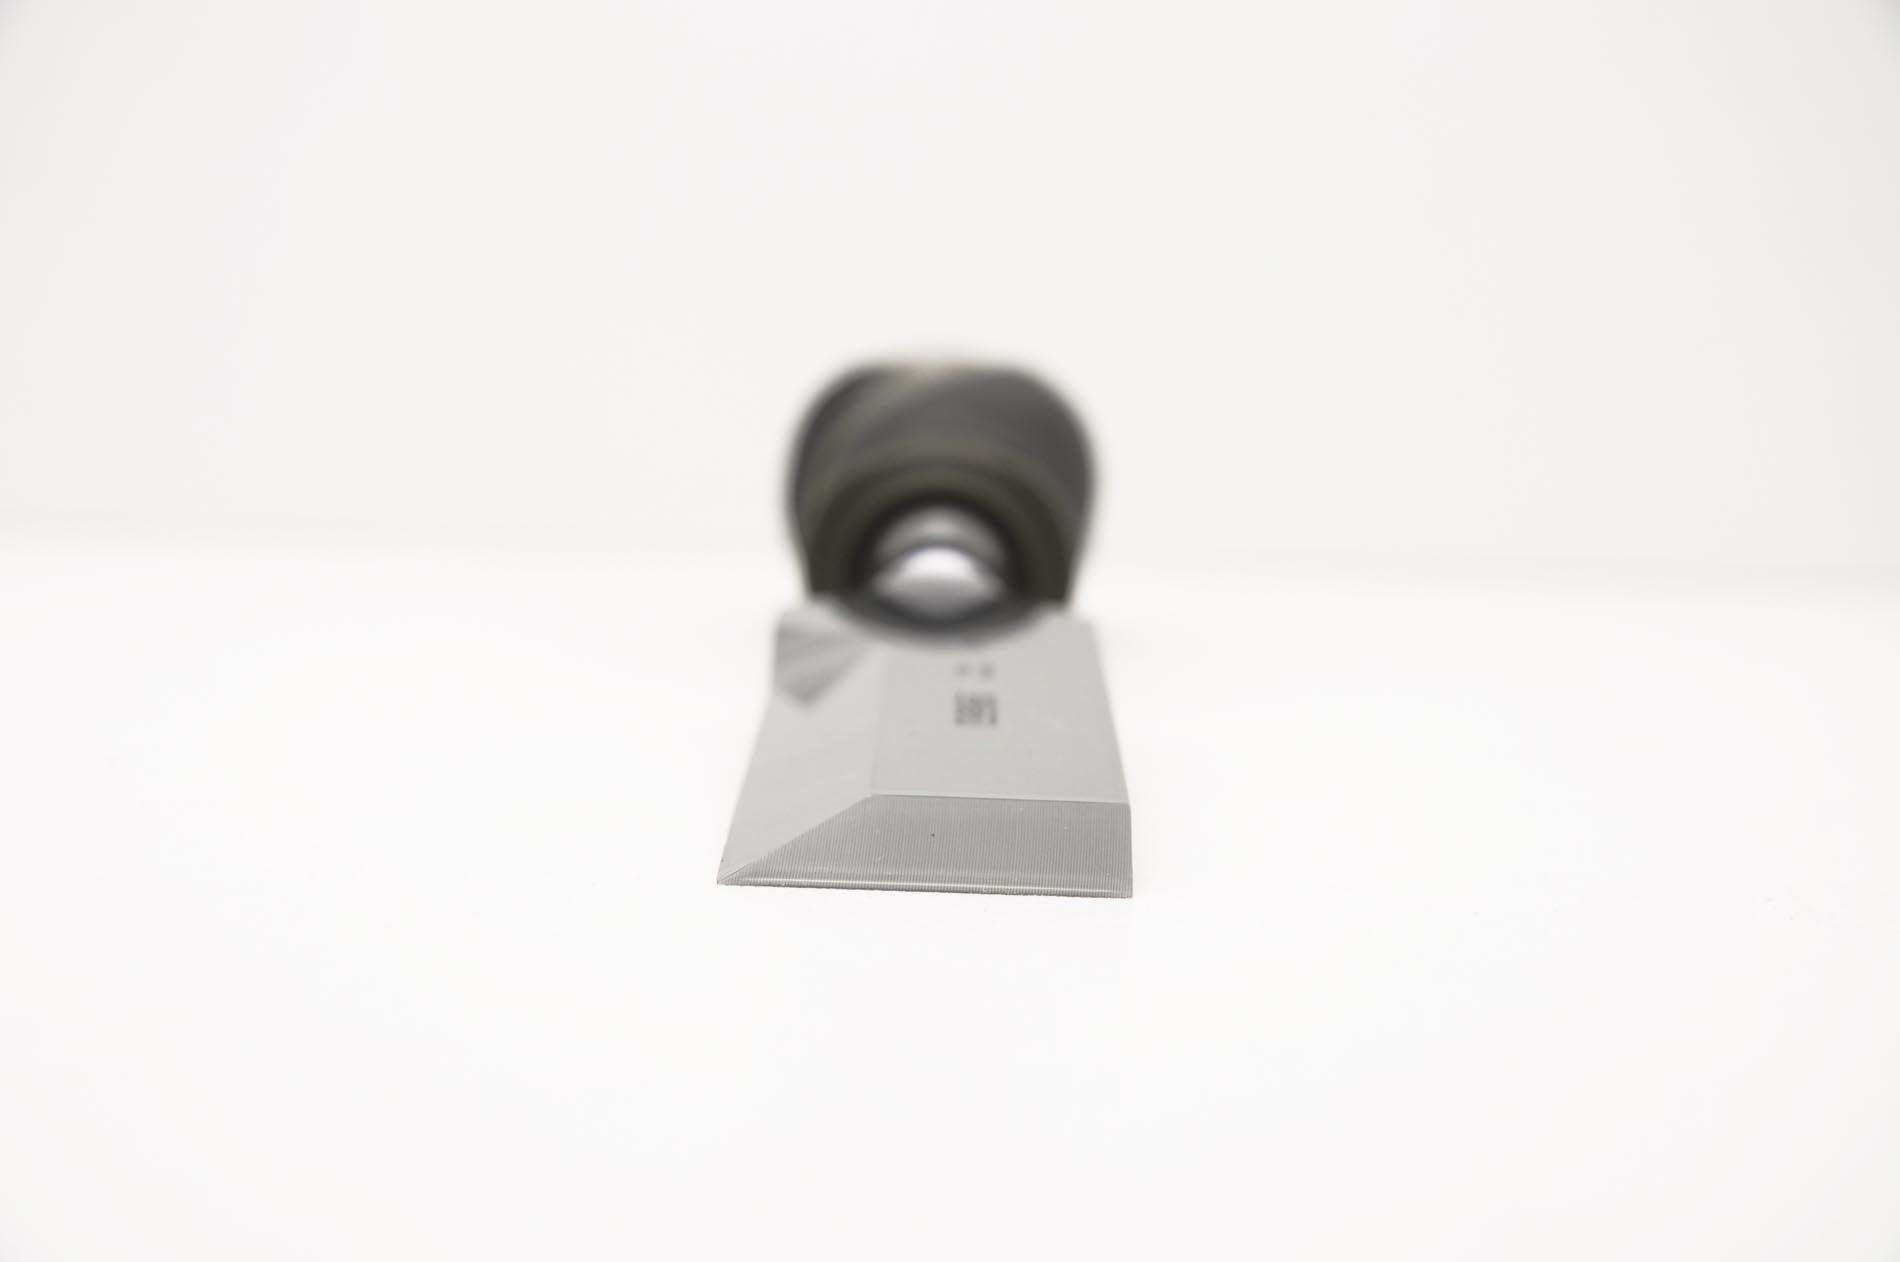 816032-Formon 32mm dos filos para drywal, multi proposito Narex 816032-max-4.